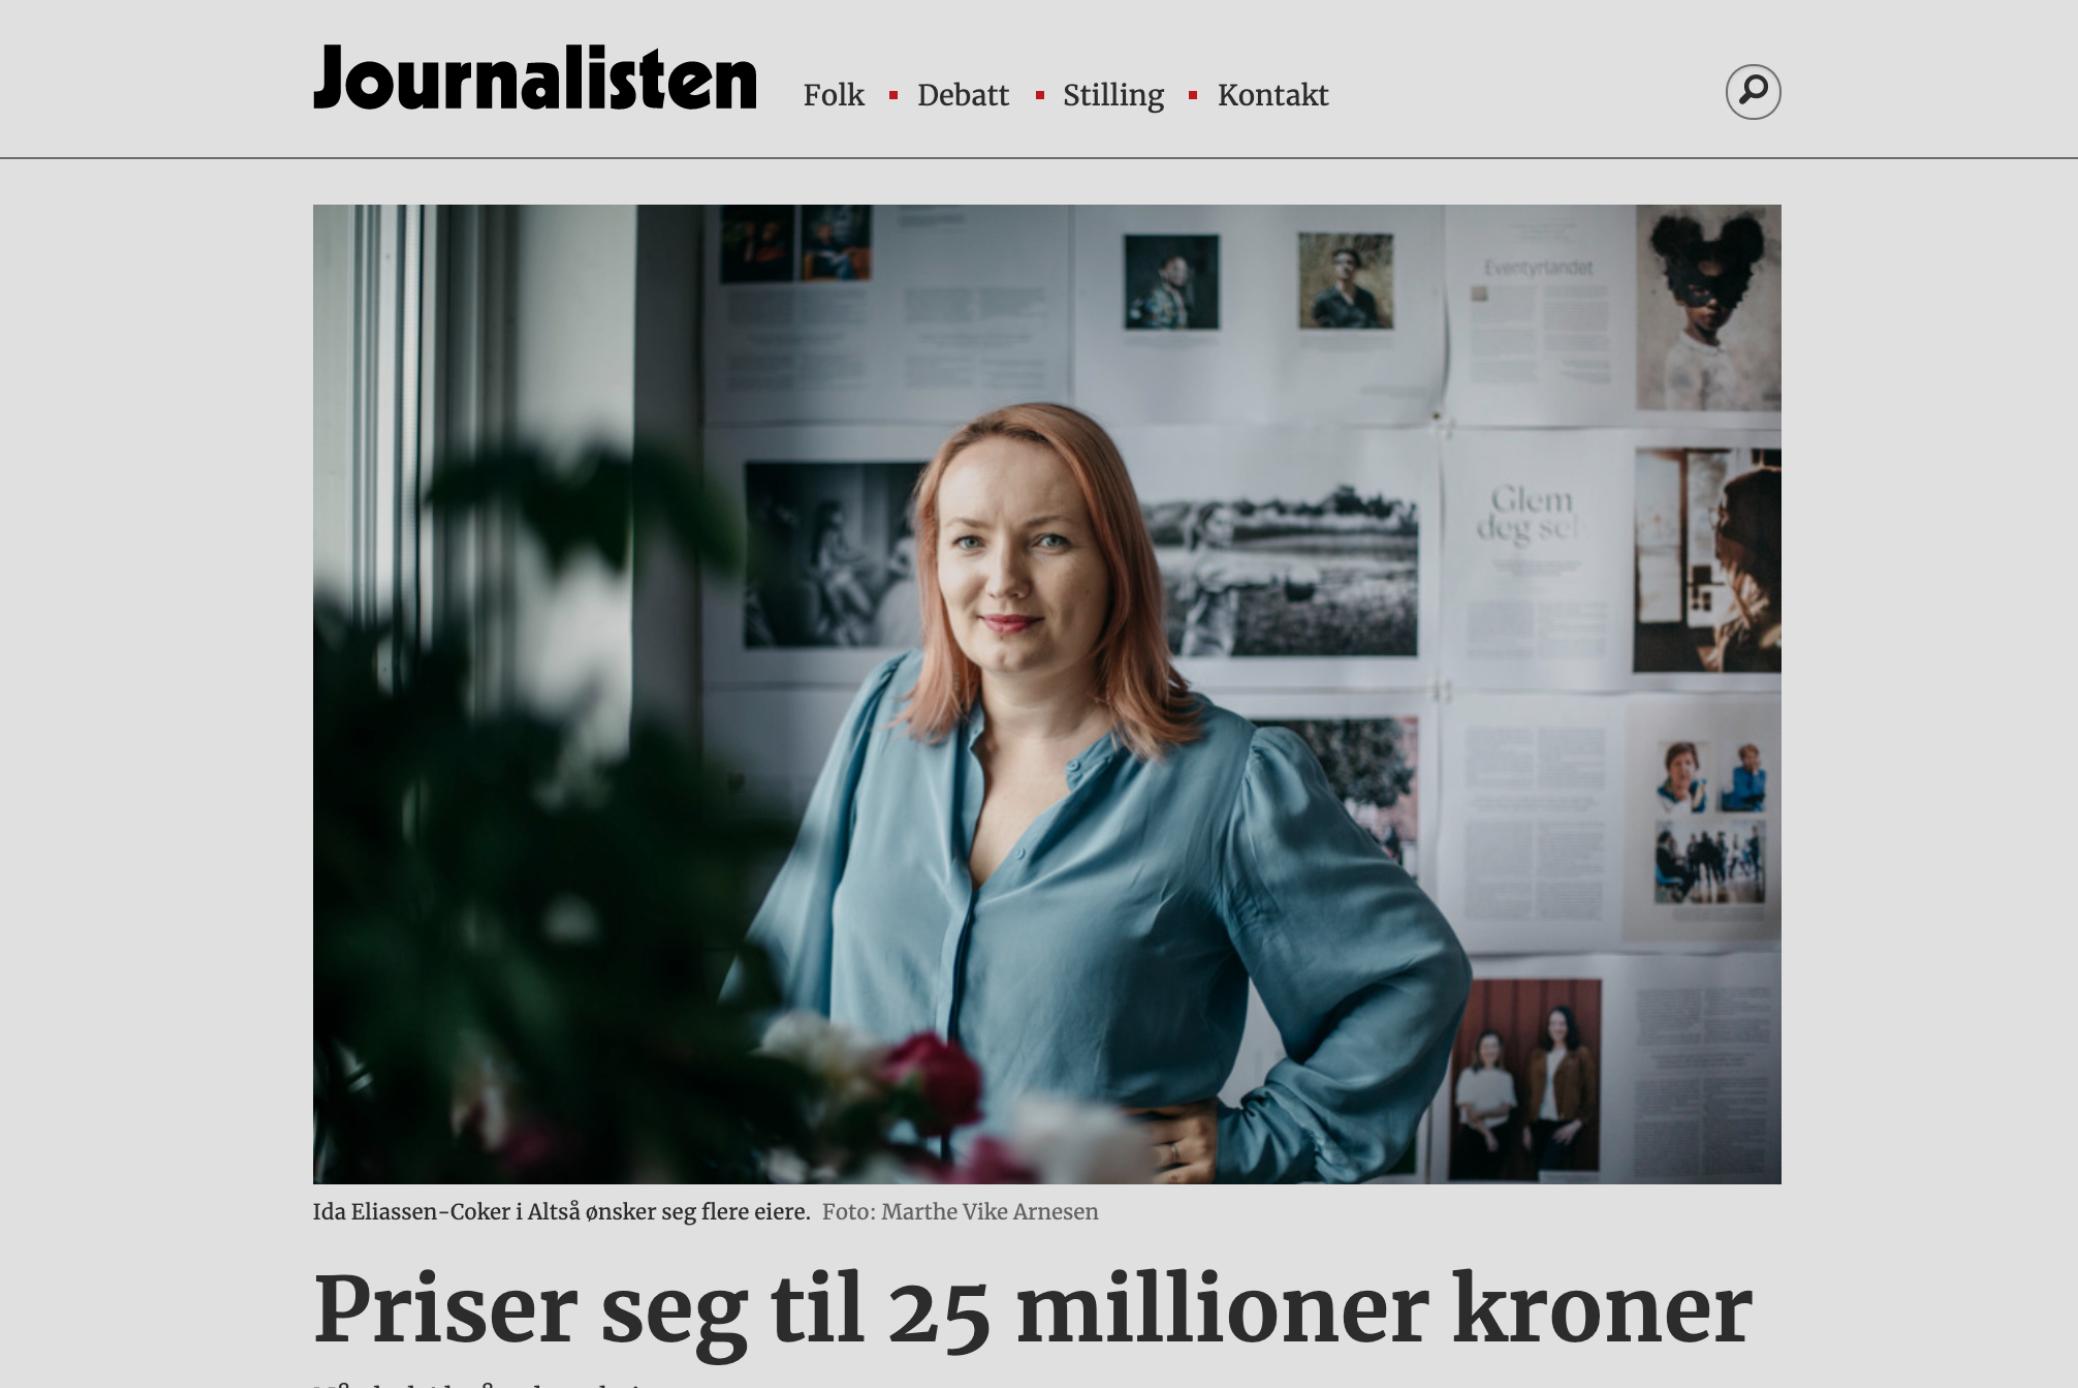 Journalisten: Priser seg til 25M